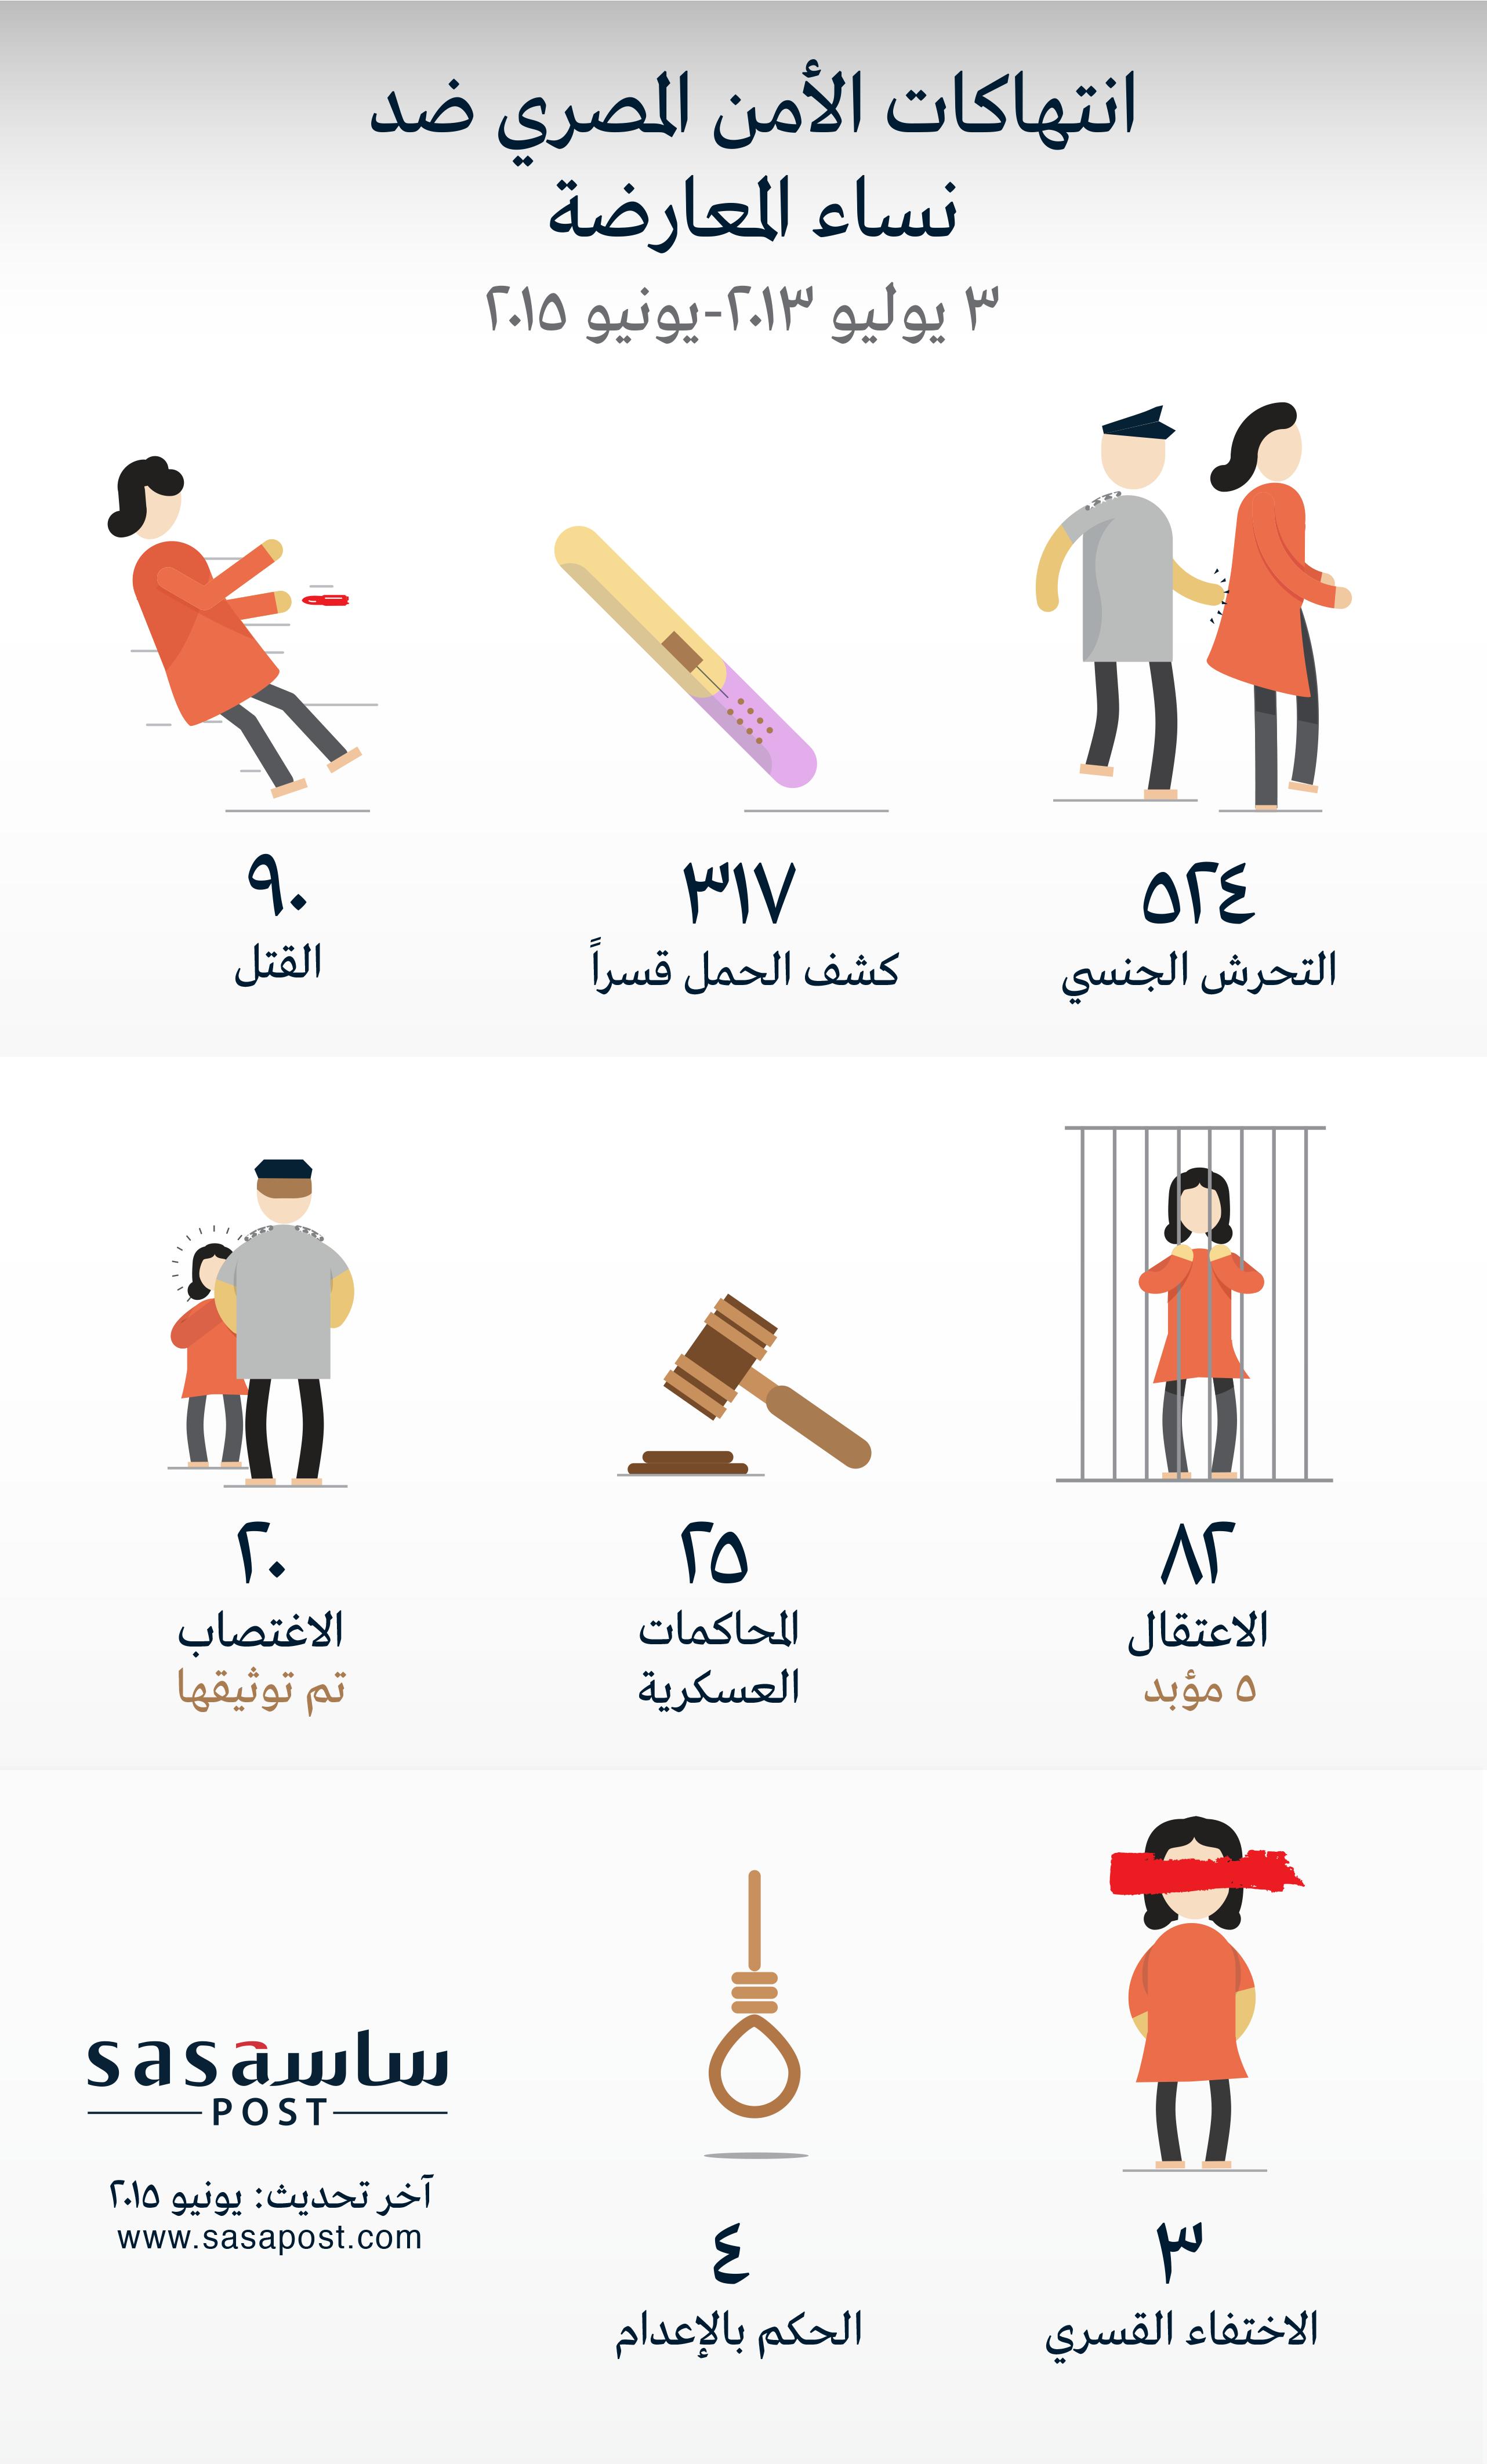 """انفوجرافيك: انتهاكات """"قوات الأمن"""" ضد نساء المعارضة المصرية بعد 30 يونيو 2013"""